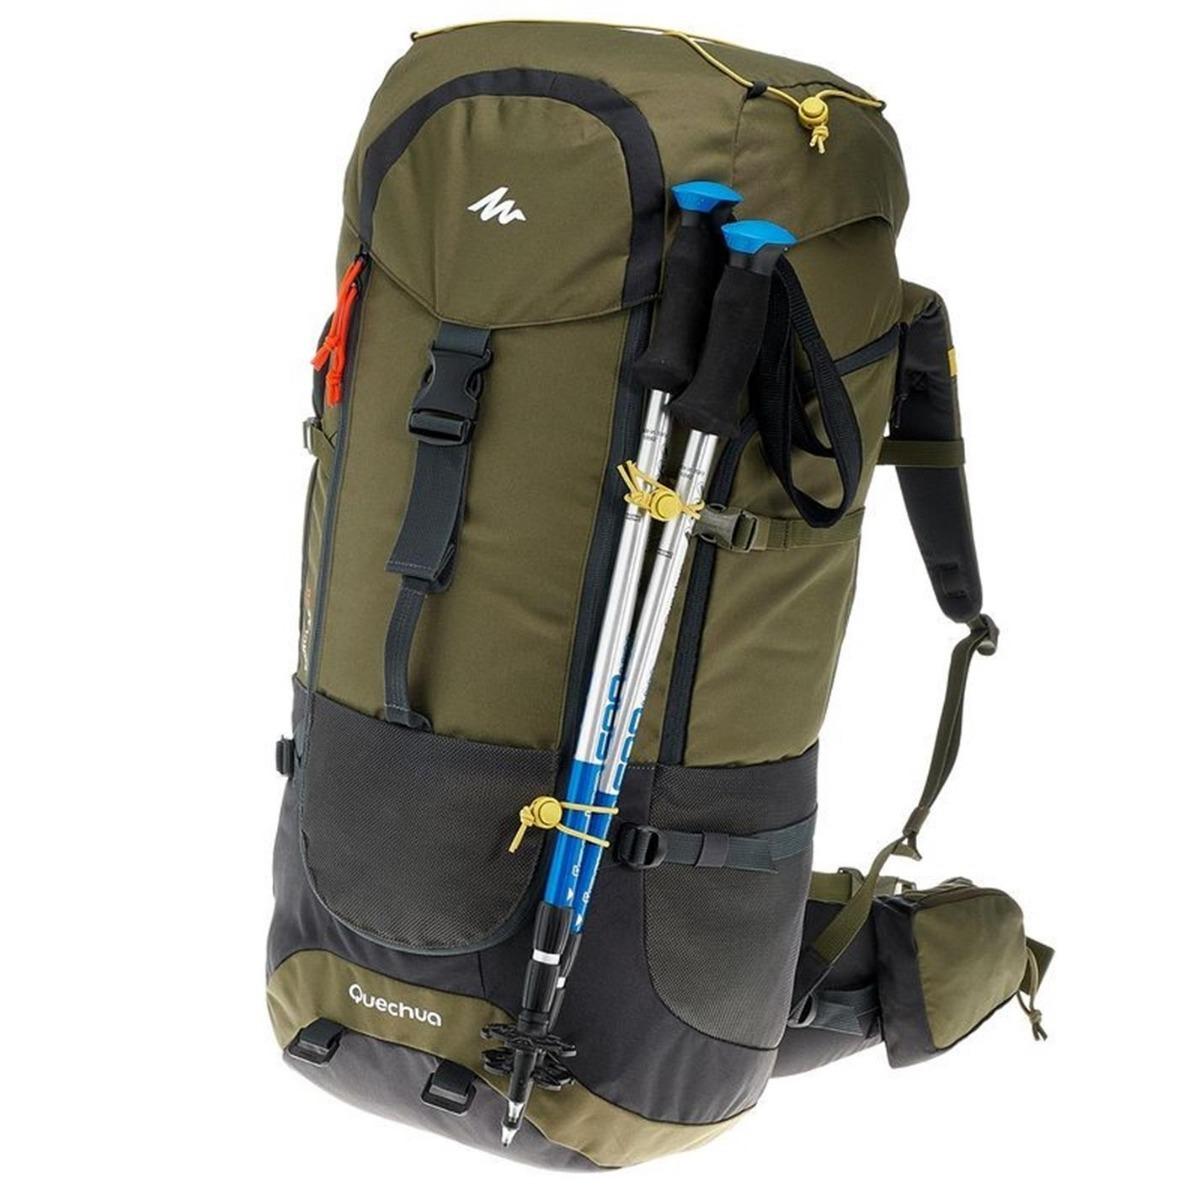 266f05b38 mochila trekking quechua forclaz 70 litros verde. Cargando zoom.